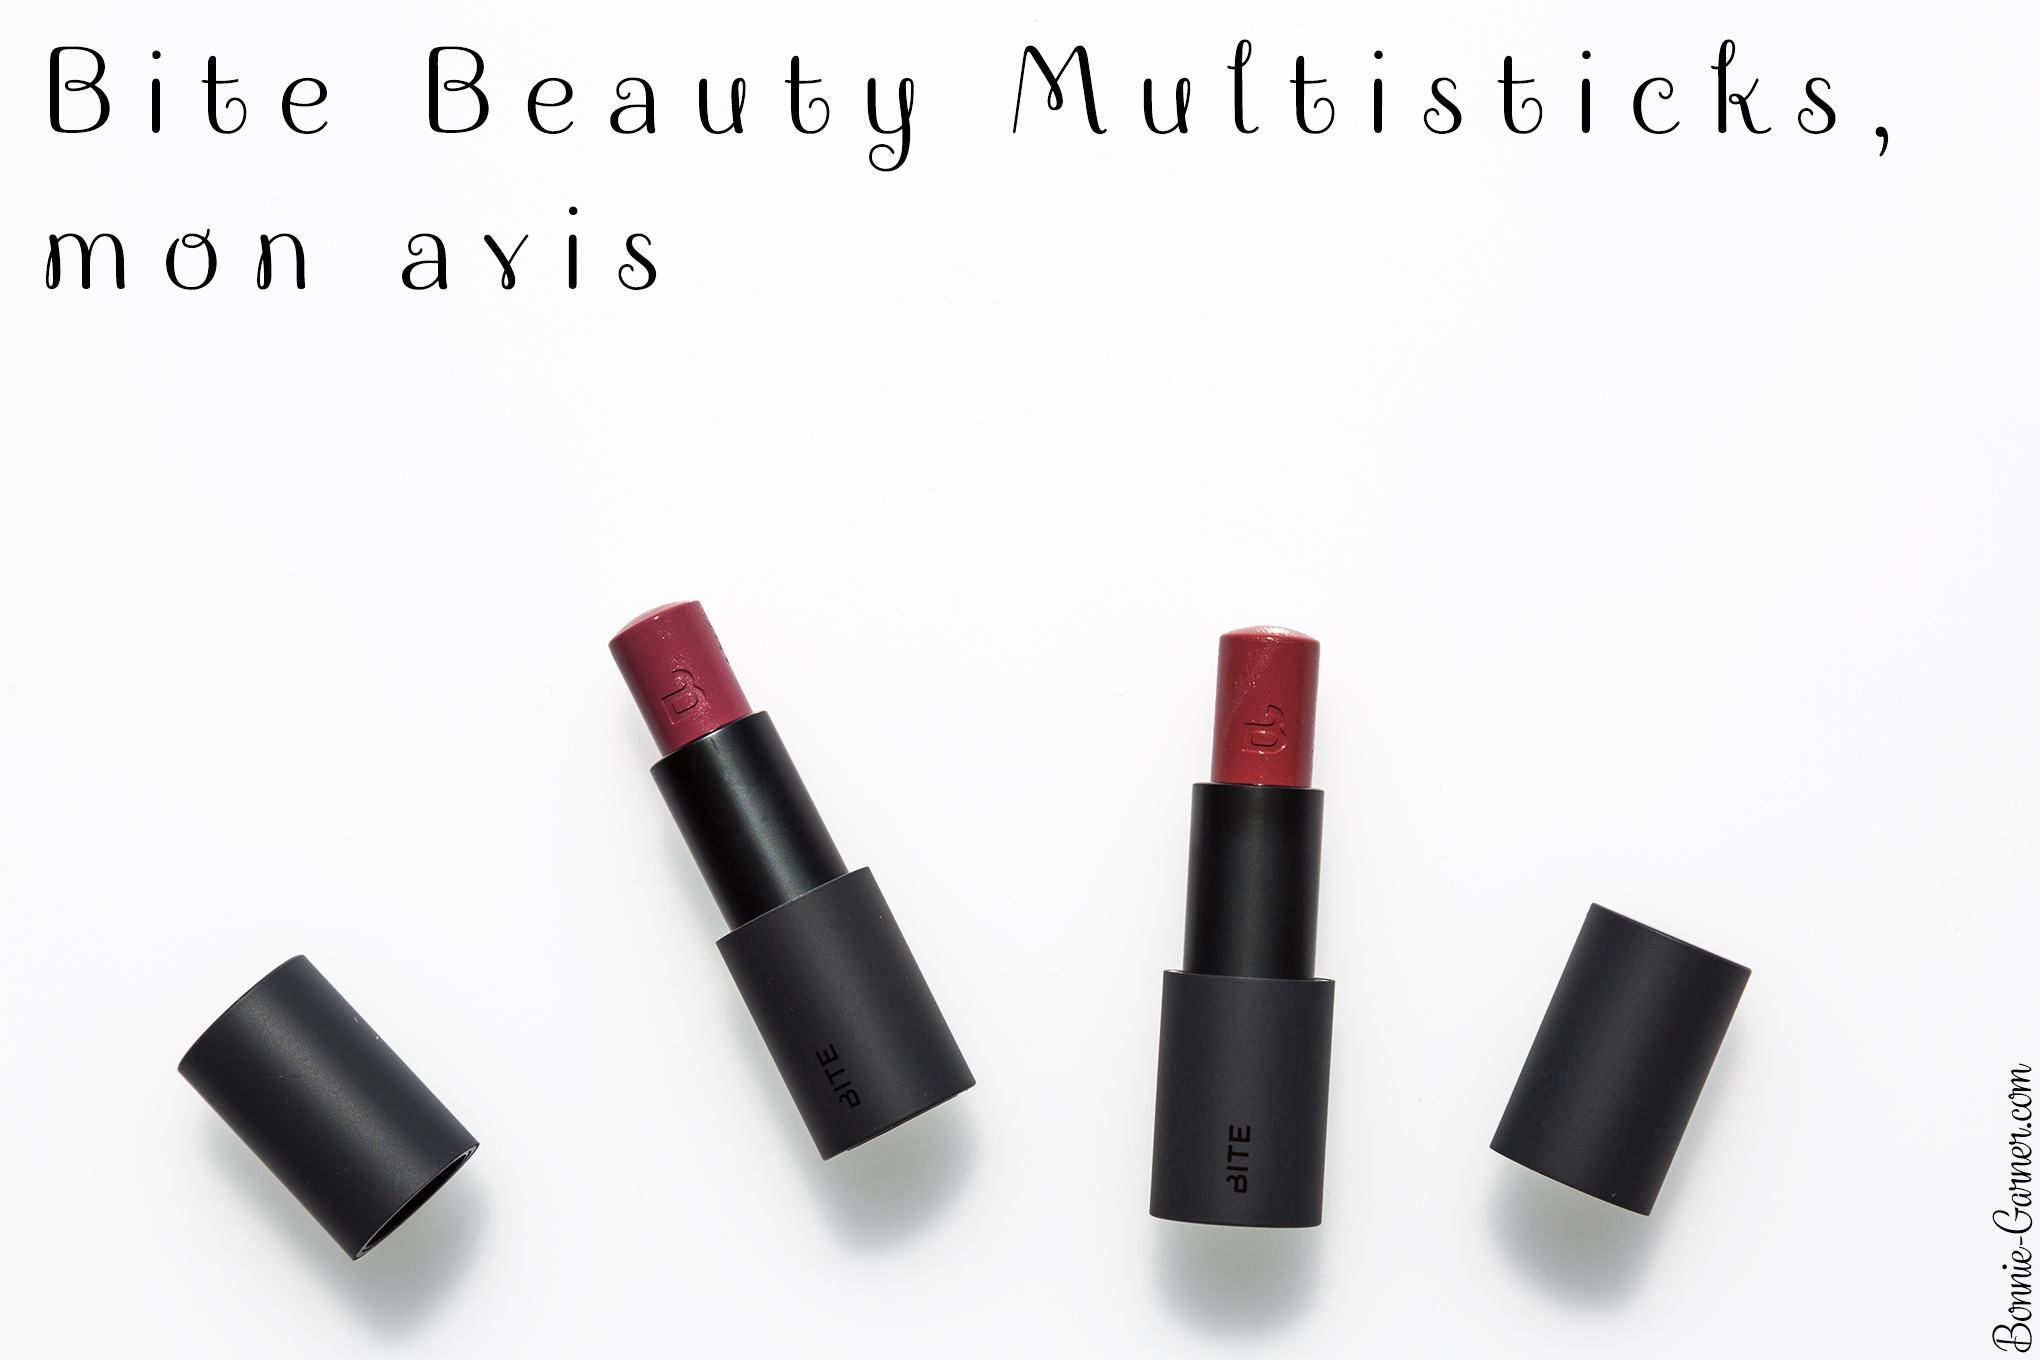 Bite Beauty Multisticks, mon avis